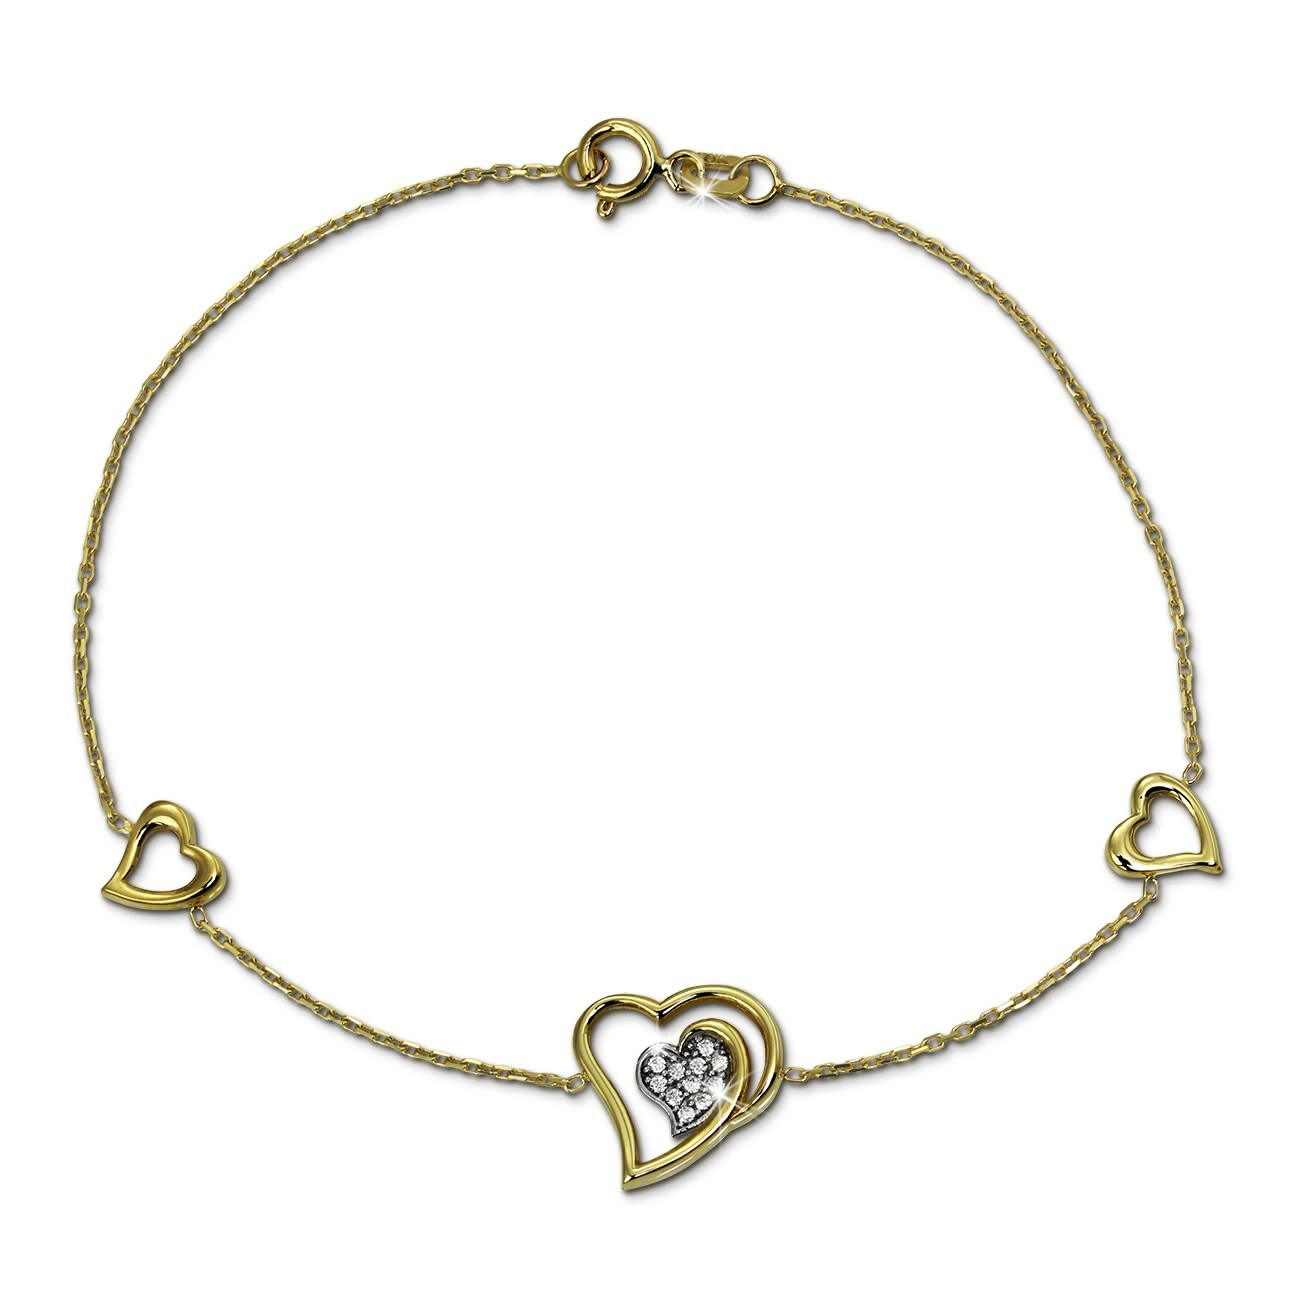 SilberDream Armband Herzen Zirkonia weiß 333 Gold 18,5cm 8 Karat GDA5008Y